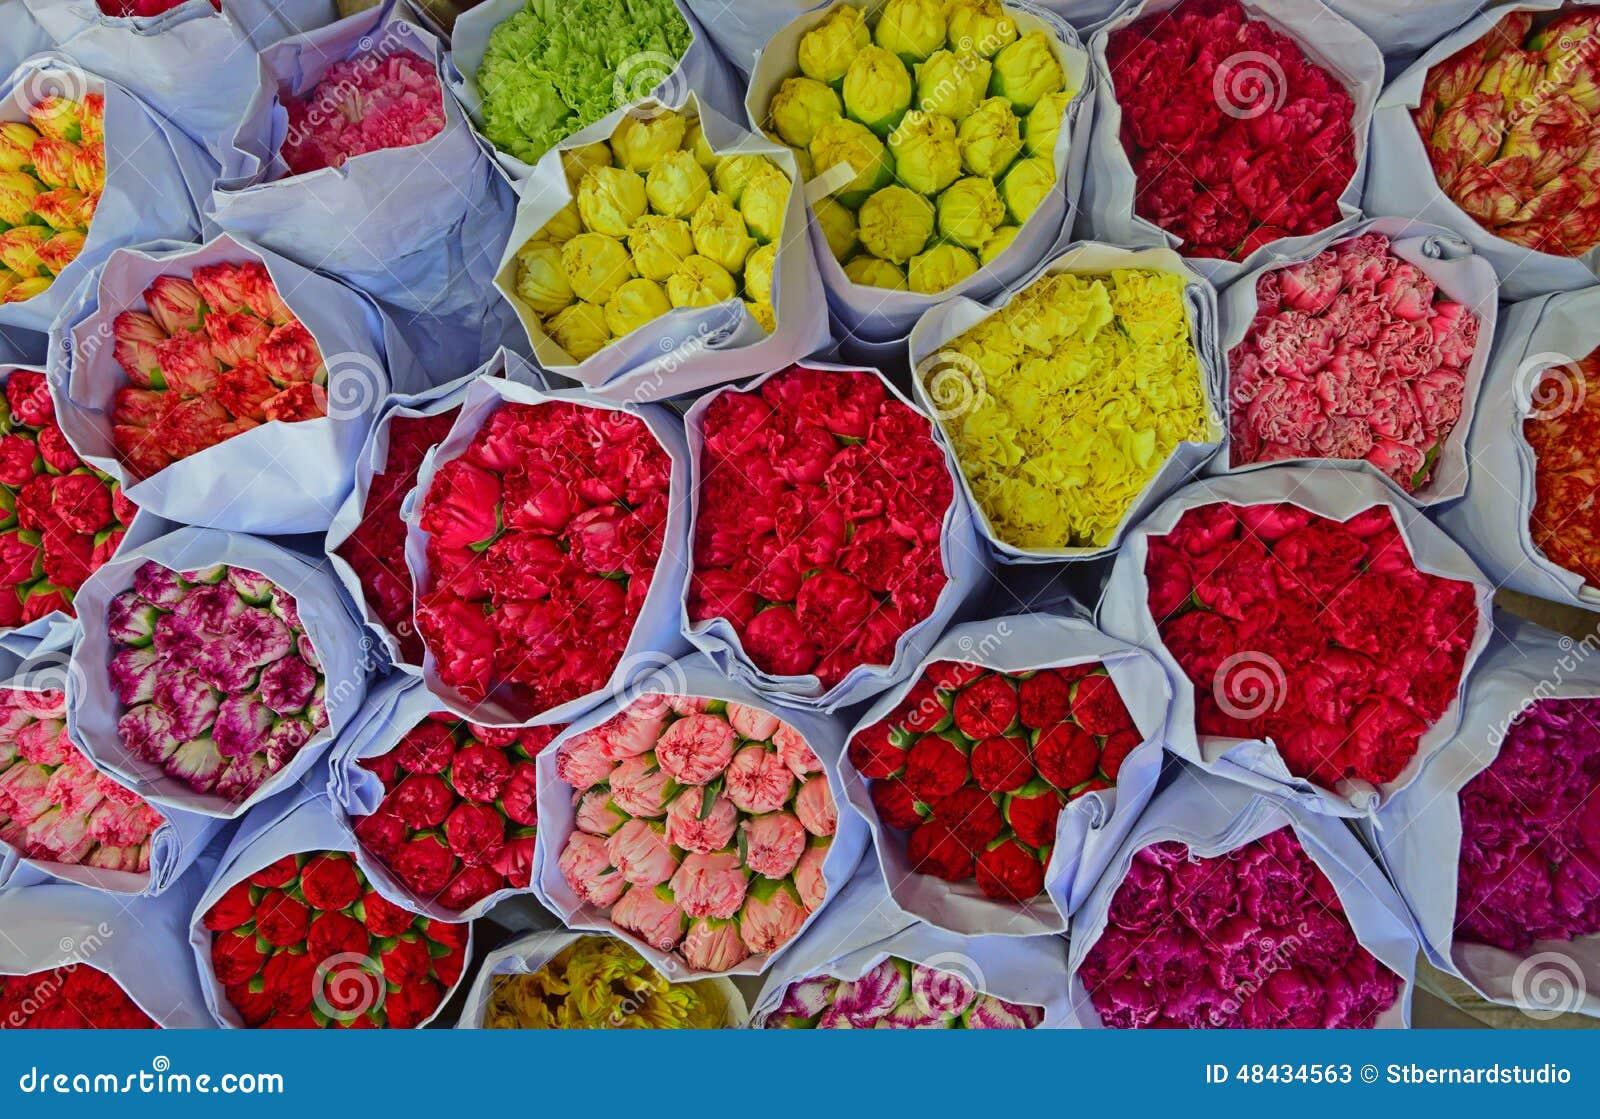 Various Colour Carnation Flowers In Bulk At Flower Market Stock Im